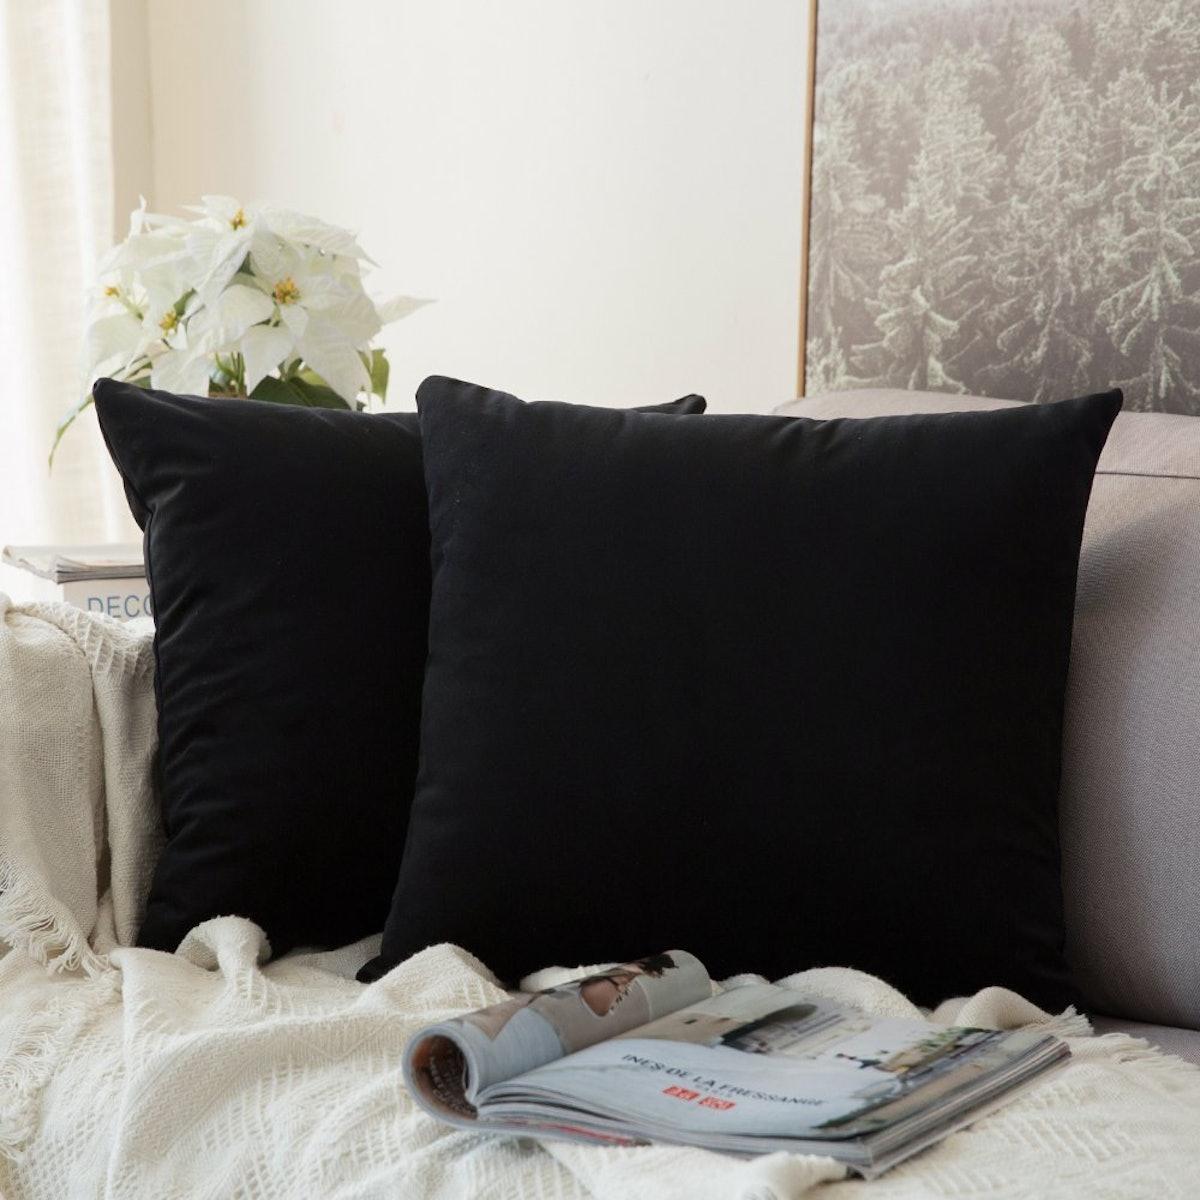 MIULEE Velvet Pillowcase (2-Pack)